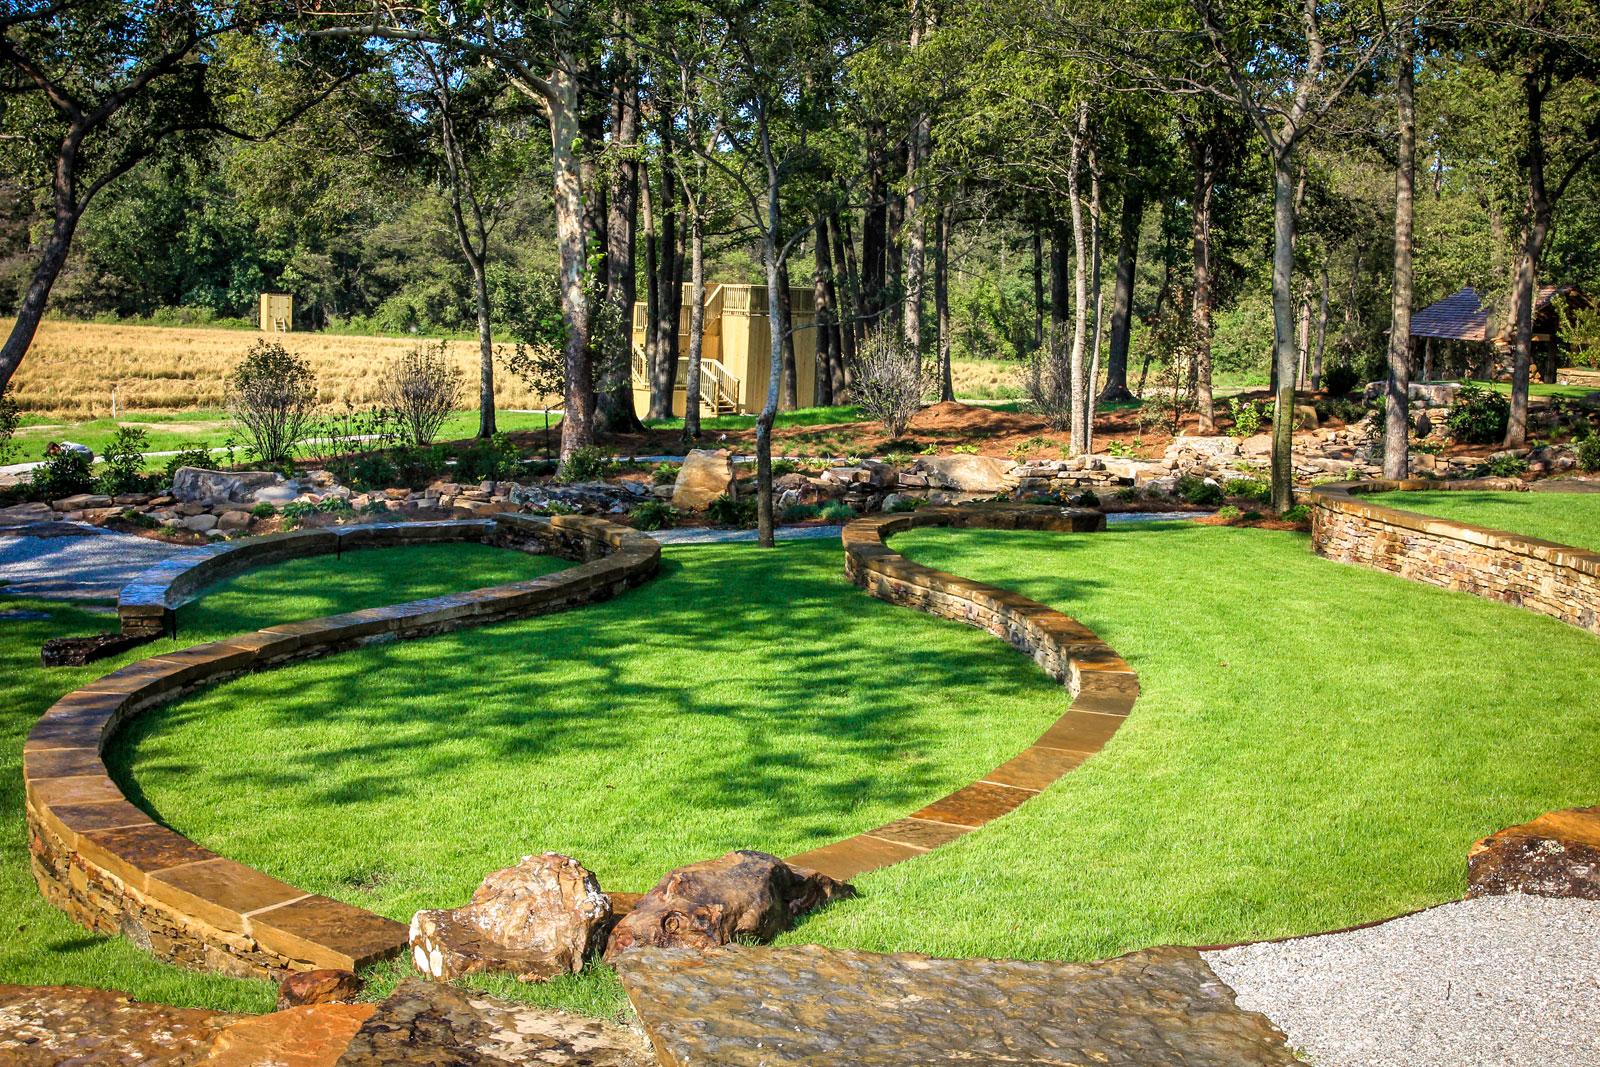 Natural Landscape & Amphitheater